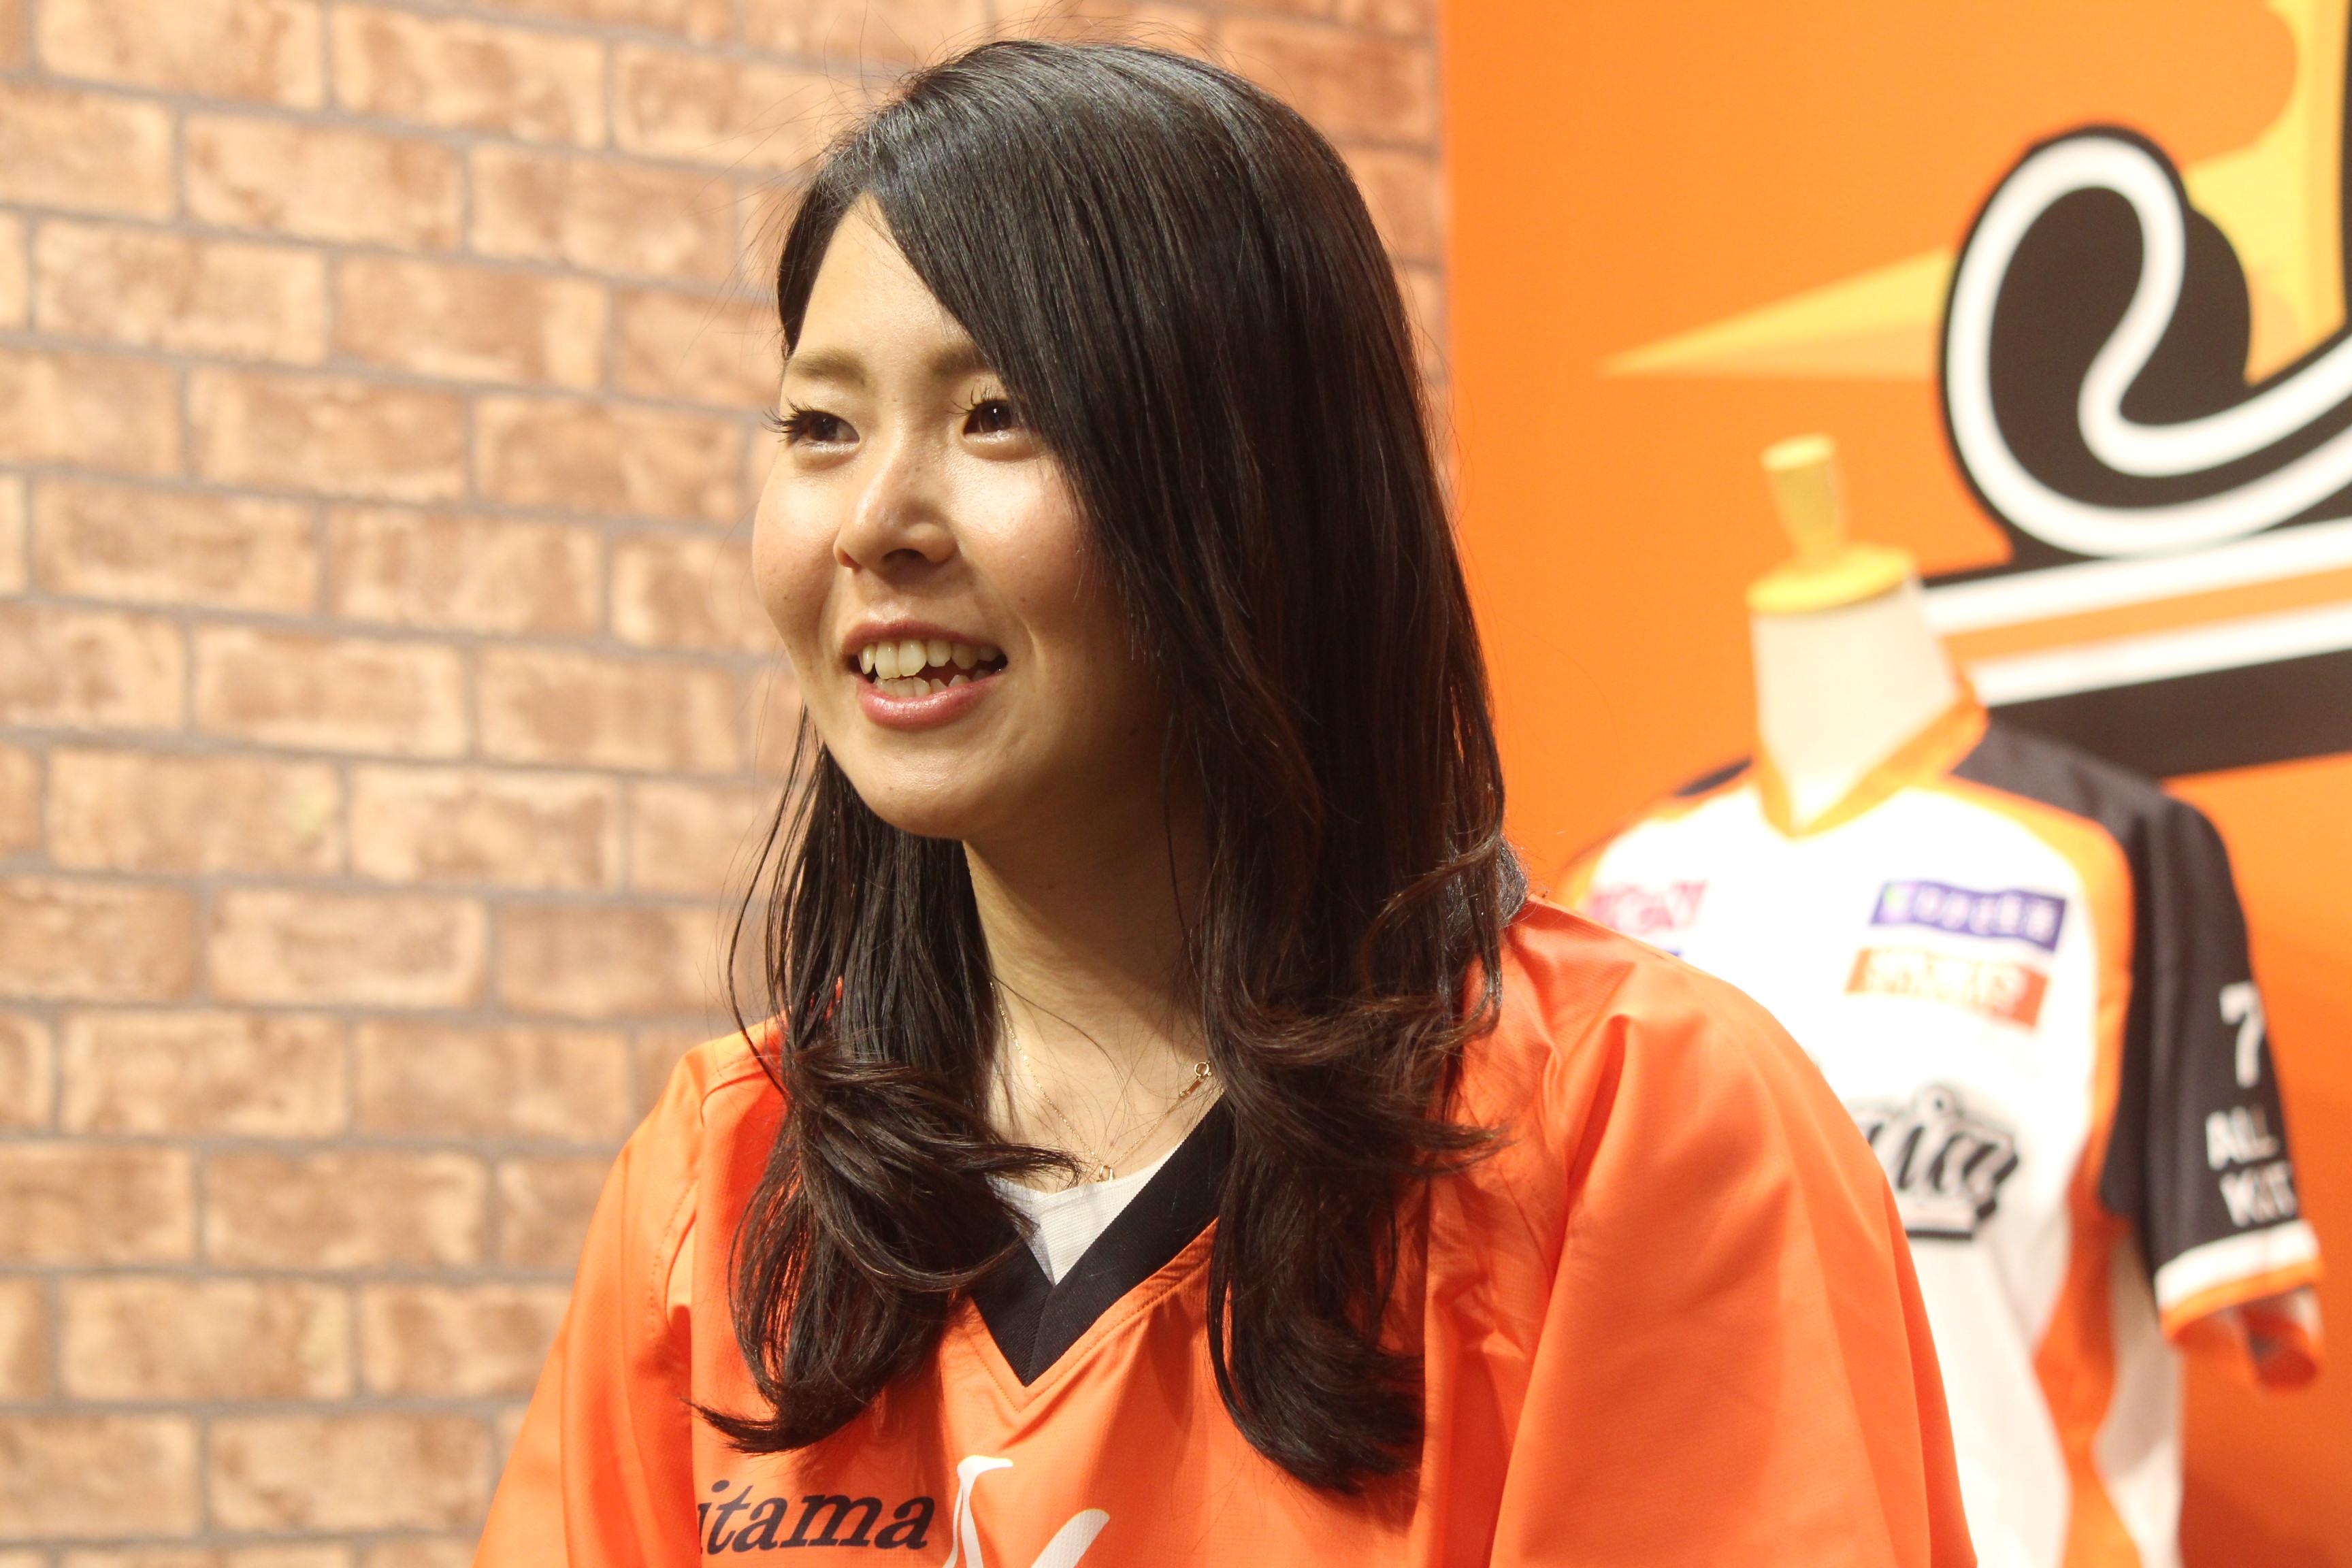 磯崎 由加里 (いそざき ゆかり、1991年7月26日 - ) は、日本の女子プロ野球選手。2019年時点で、埼玉アストライアに所属している。愛称 (ニックネーム) は「いっそ~」の正面写真